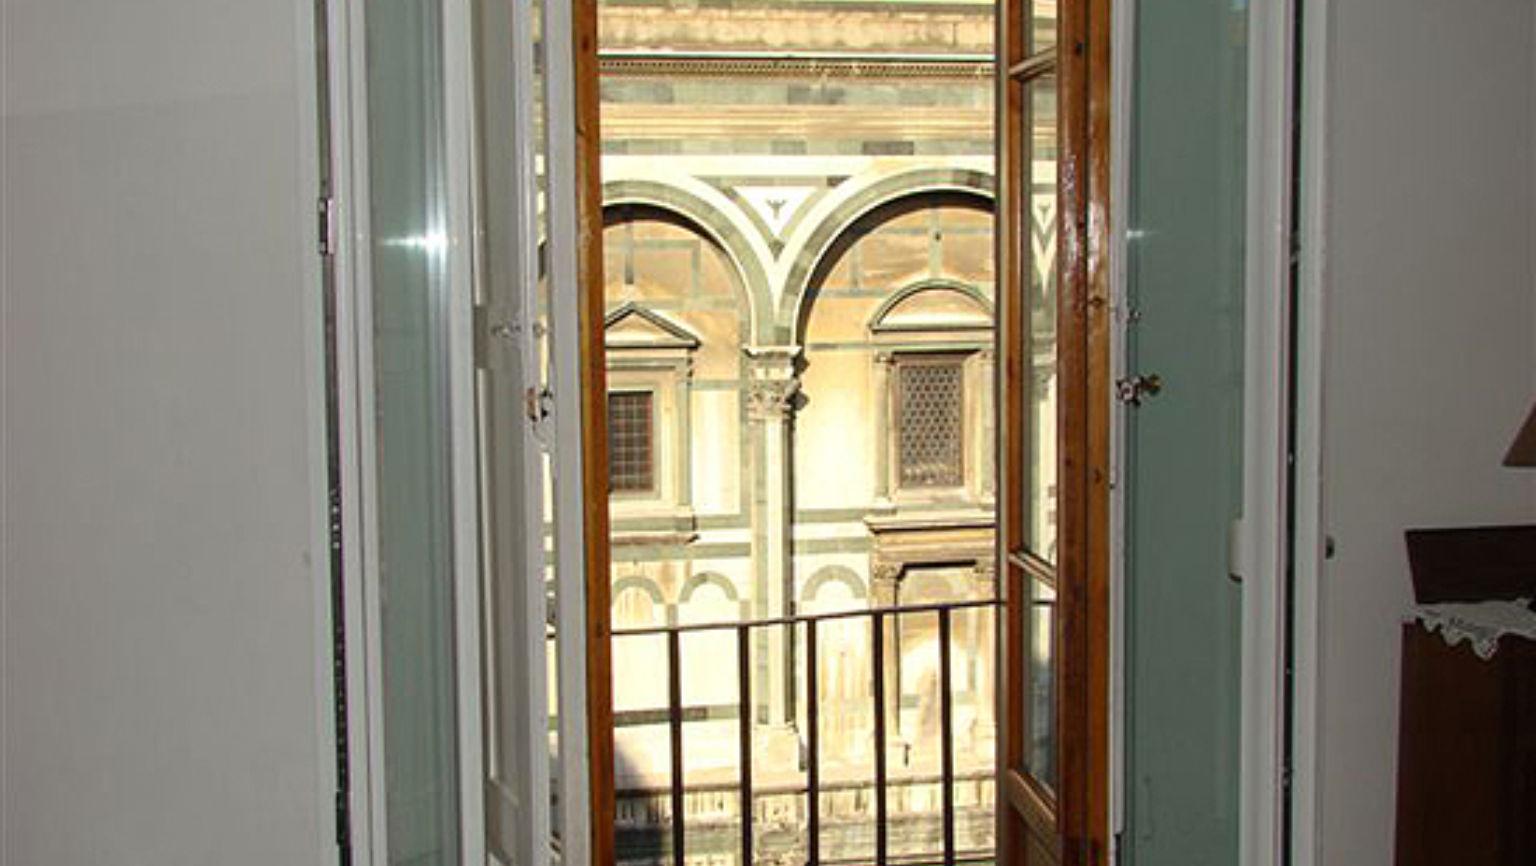 Soggiorno Battistero Photos   Budget Travel